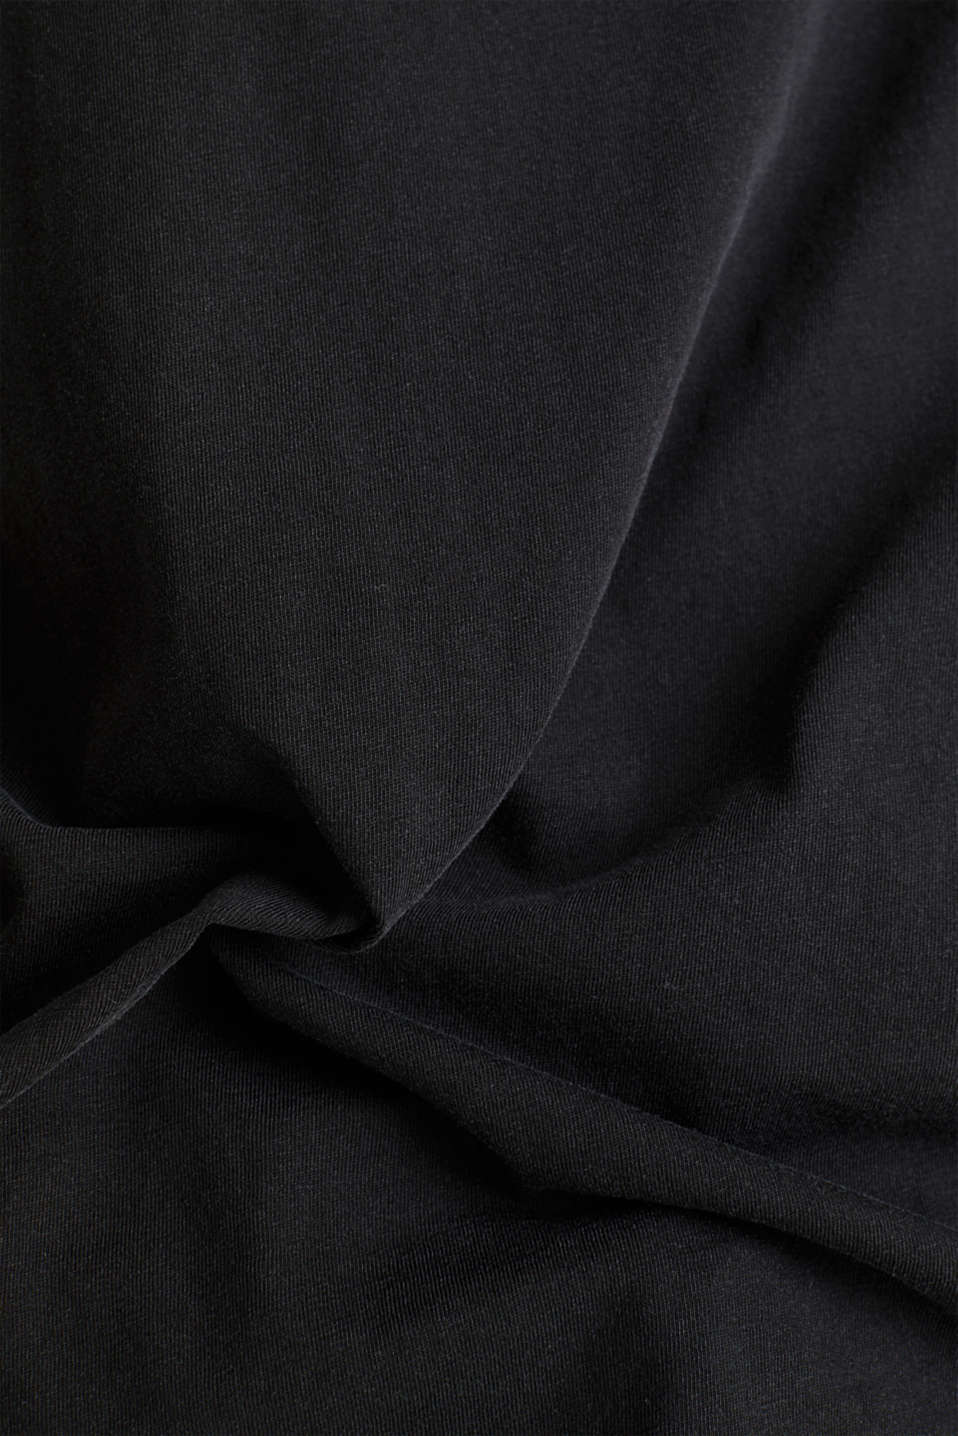 V-neck top, 100% cotton, BLACK, detail image number 4